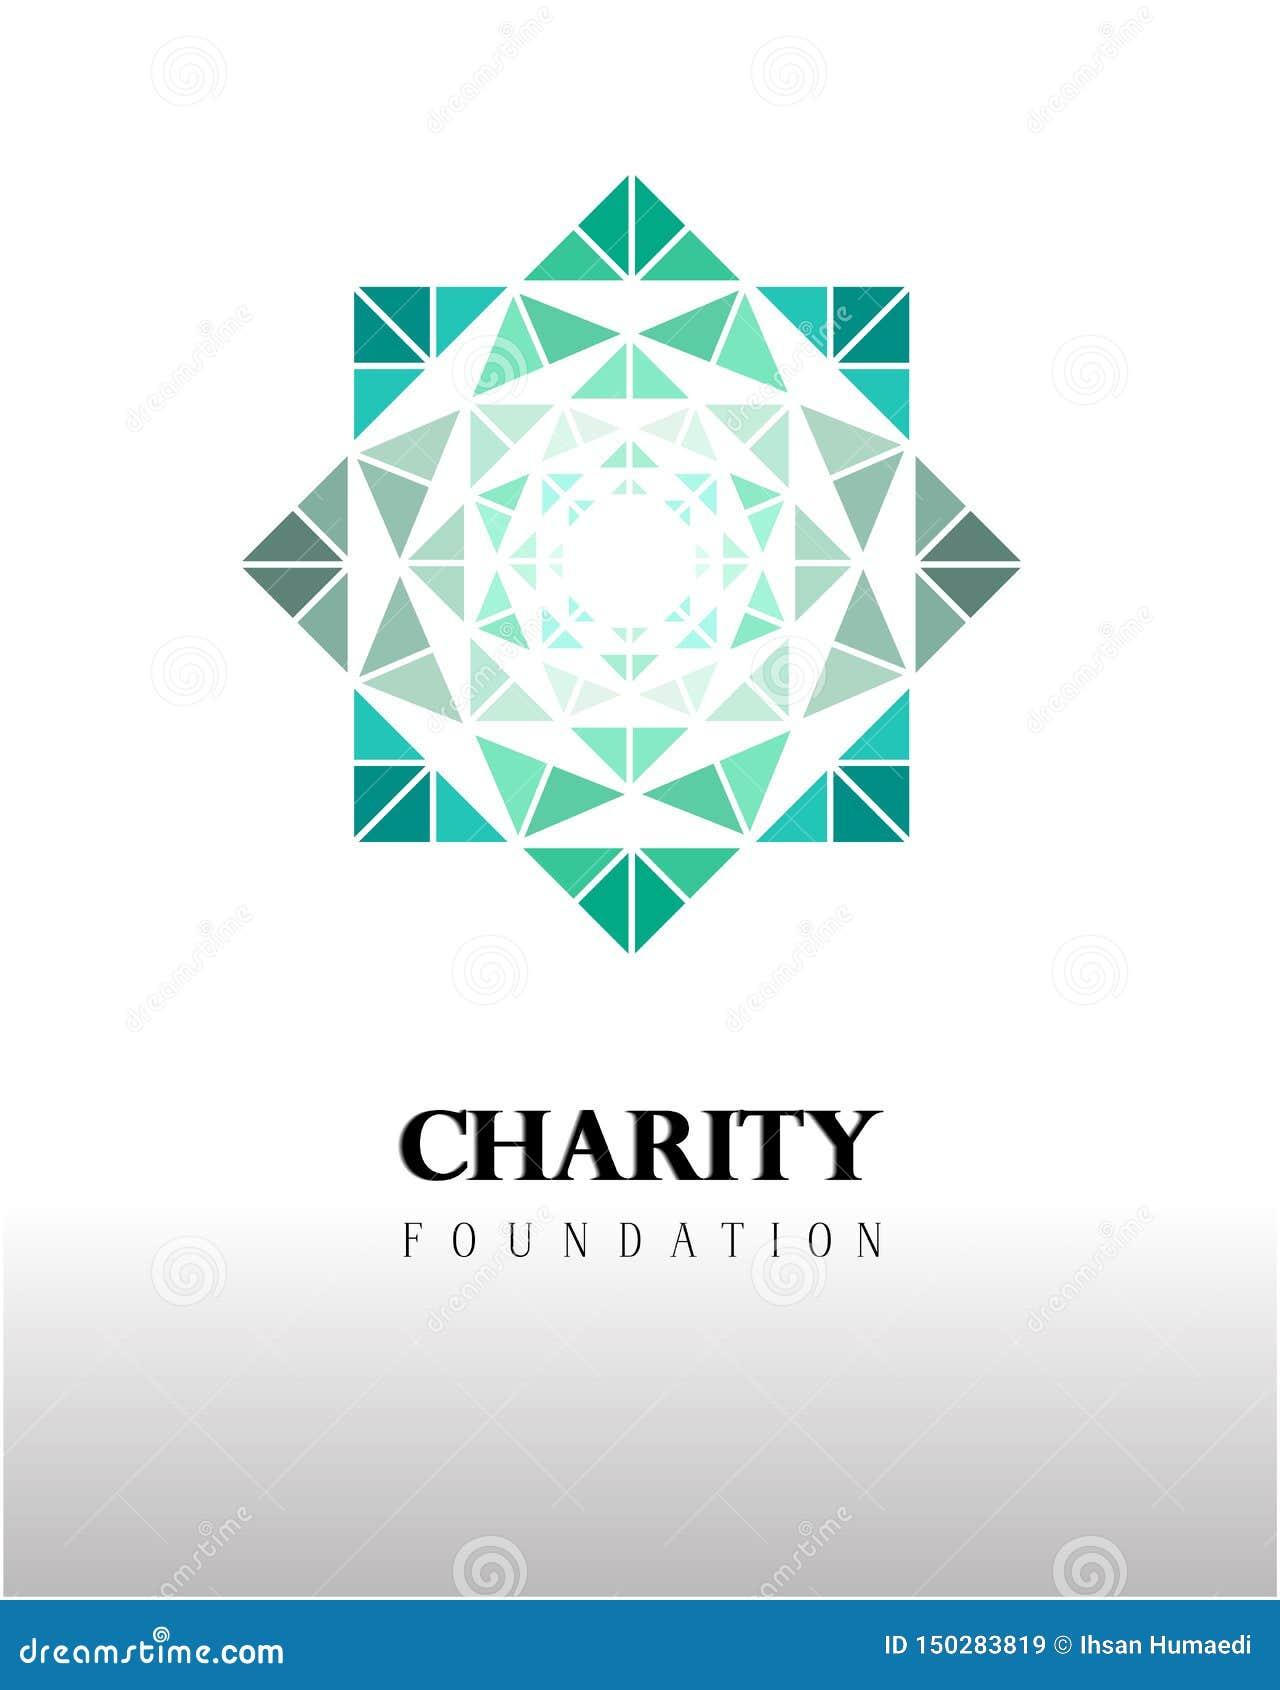 Logotipo elegante y atraer la atención a la institución